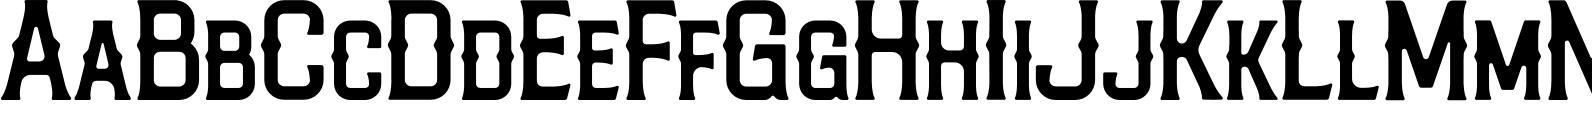 Marones